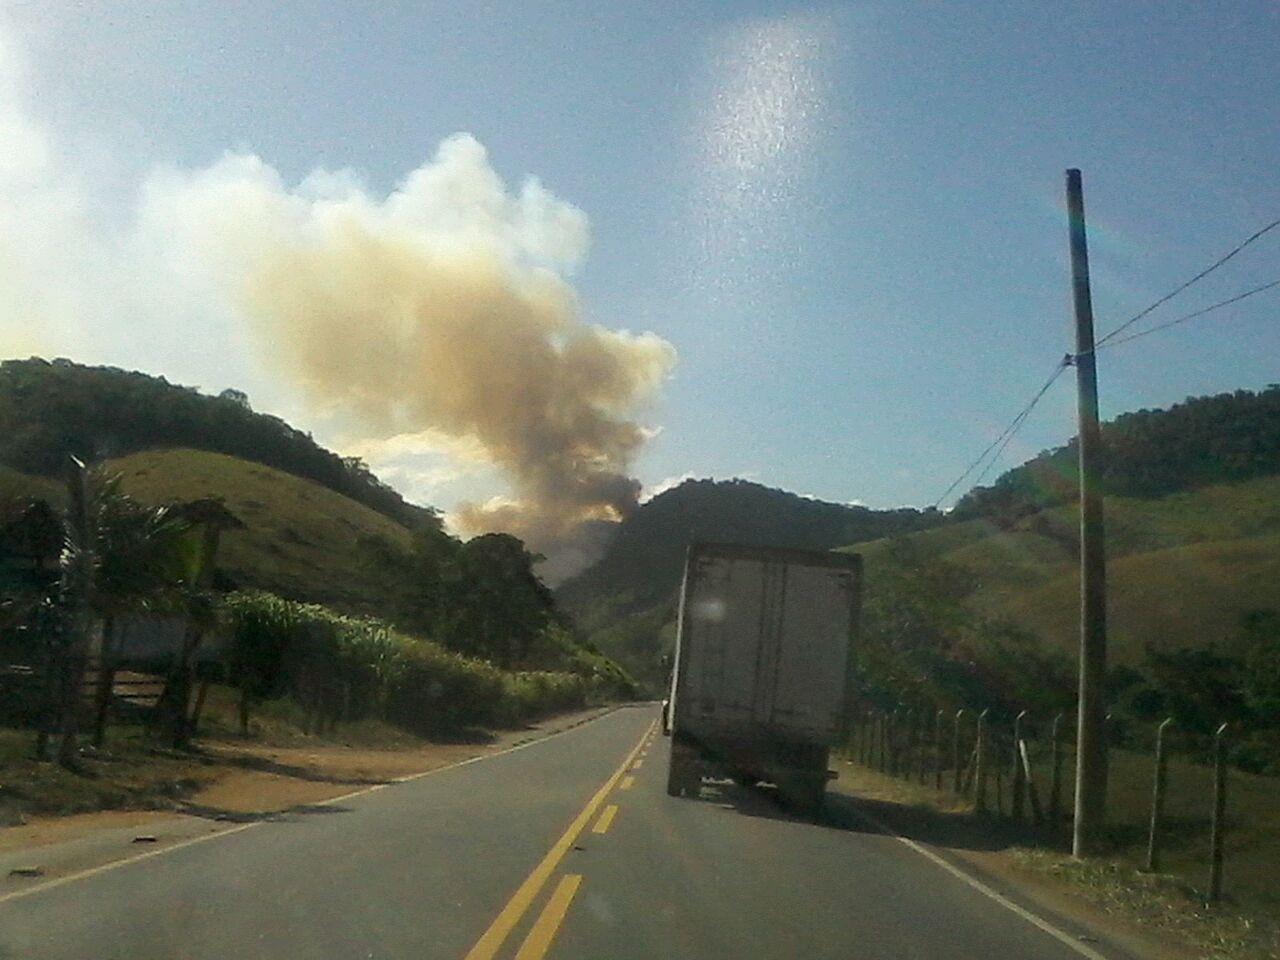 Incêndio atinge vegetação e assusta moradores de Santa Leopoldina - Folha Vitória